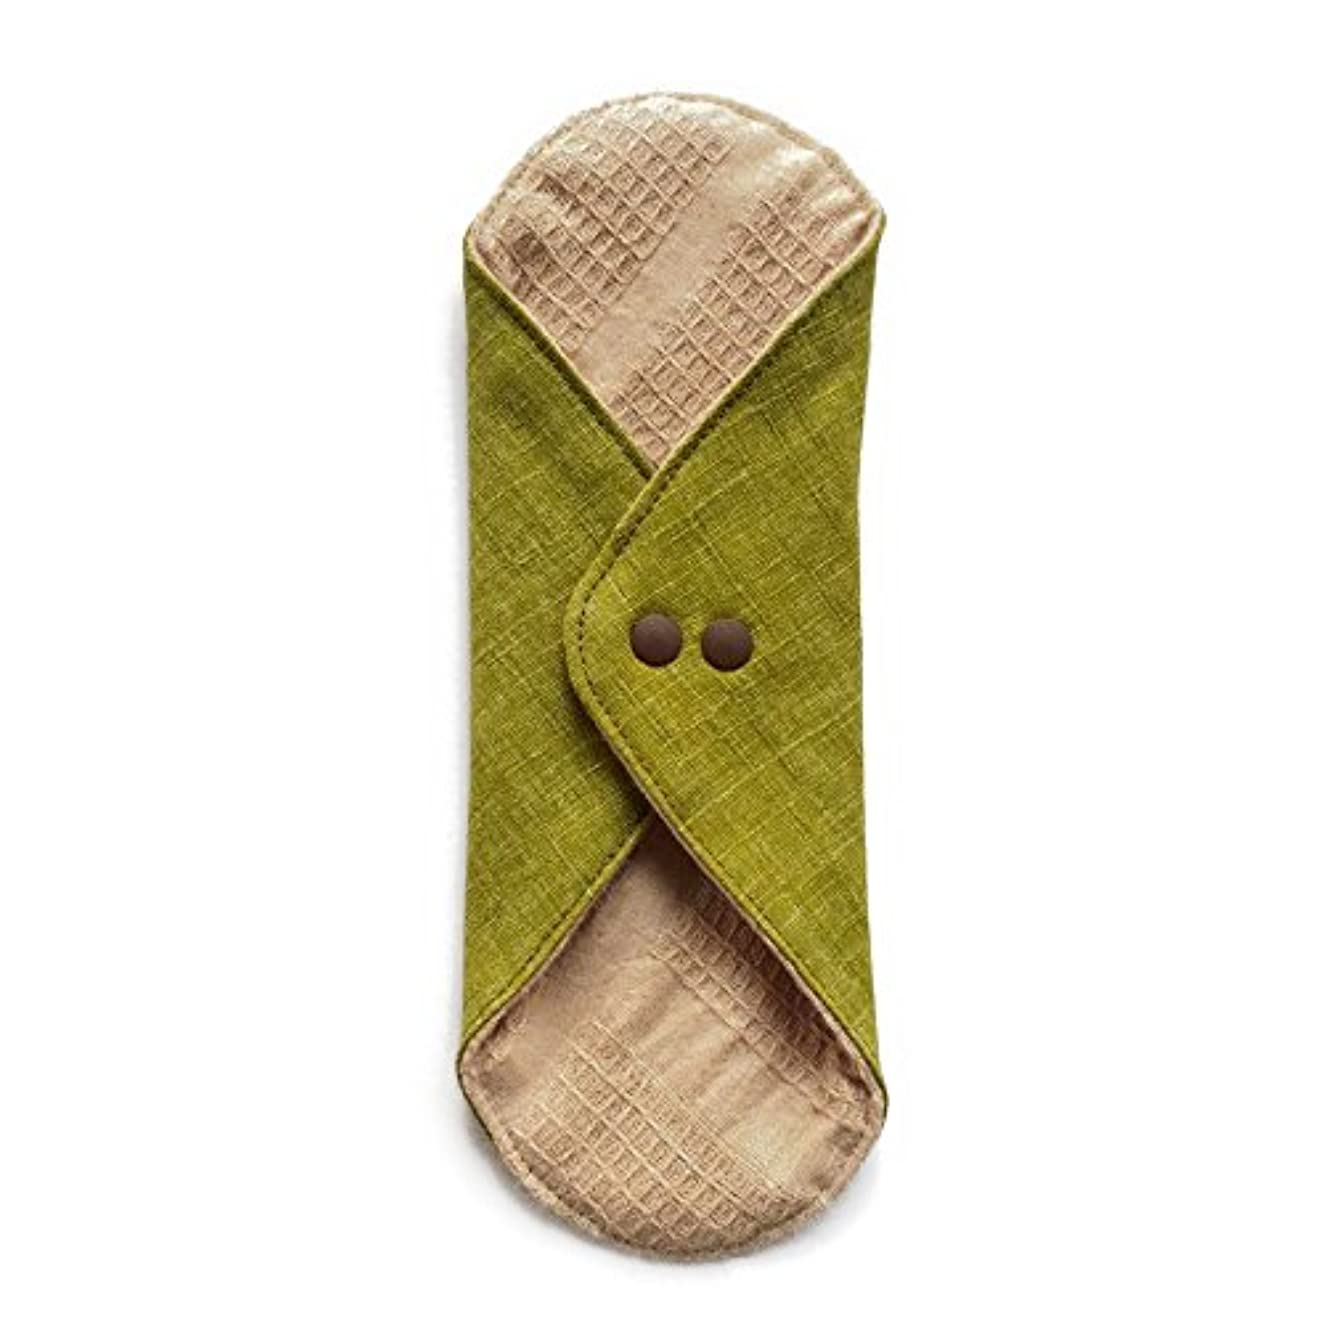 オークションメガロポリス剥離華布のオーガニックコットンのあたため布 Lサイズ (約18×約20.5×約0.5cm) 彩り(抹茶)